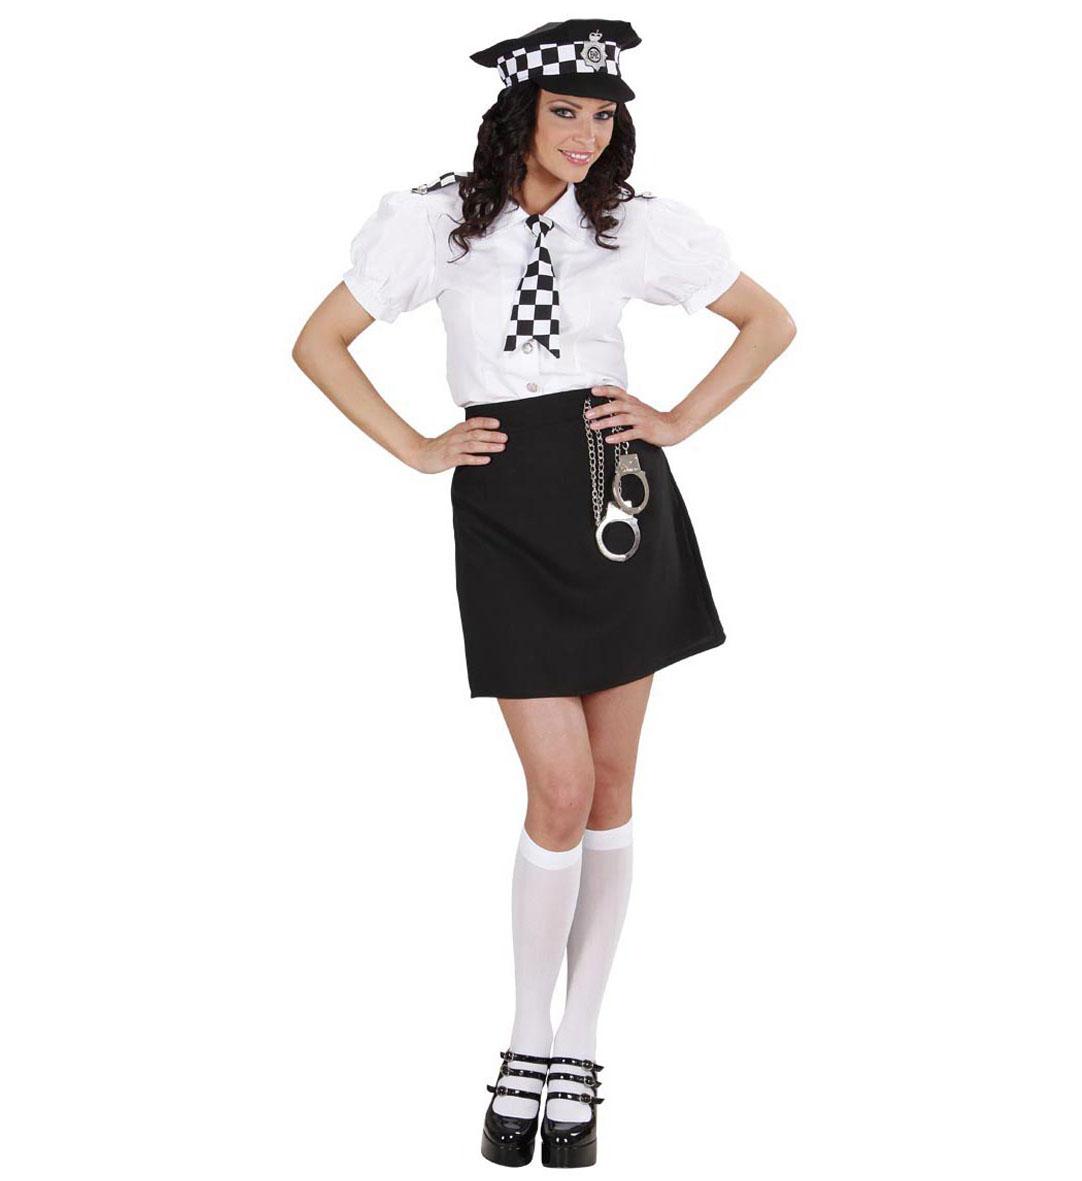 bb1d5c2c4318 Černobílý dámský kostým policistky